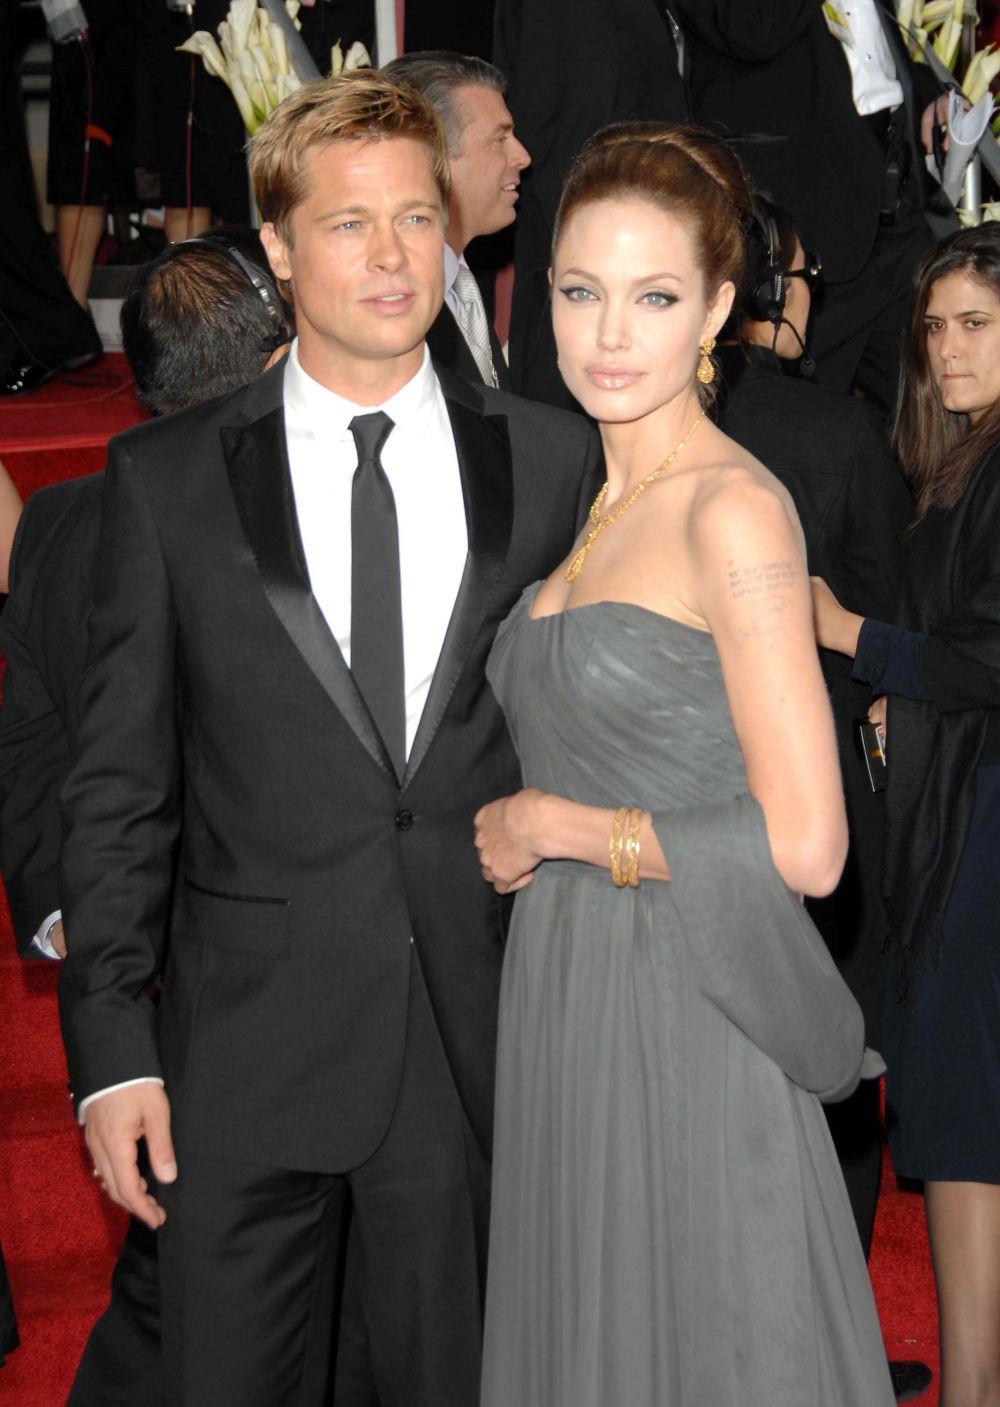 2007 год. Брэд Питт и Анджелина Джоли на 64-й церемонии вручения «Золотой глобус»